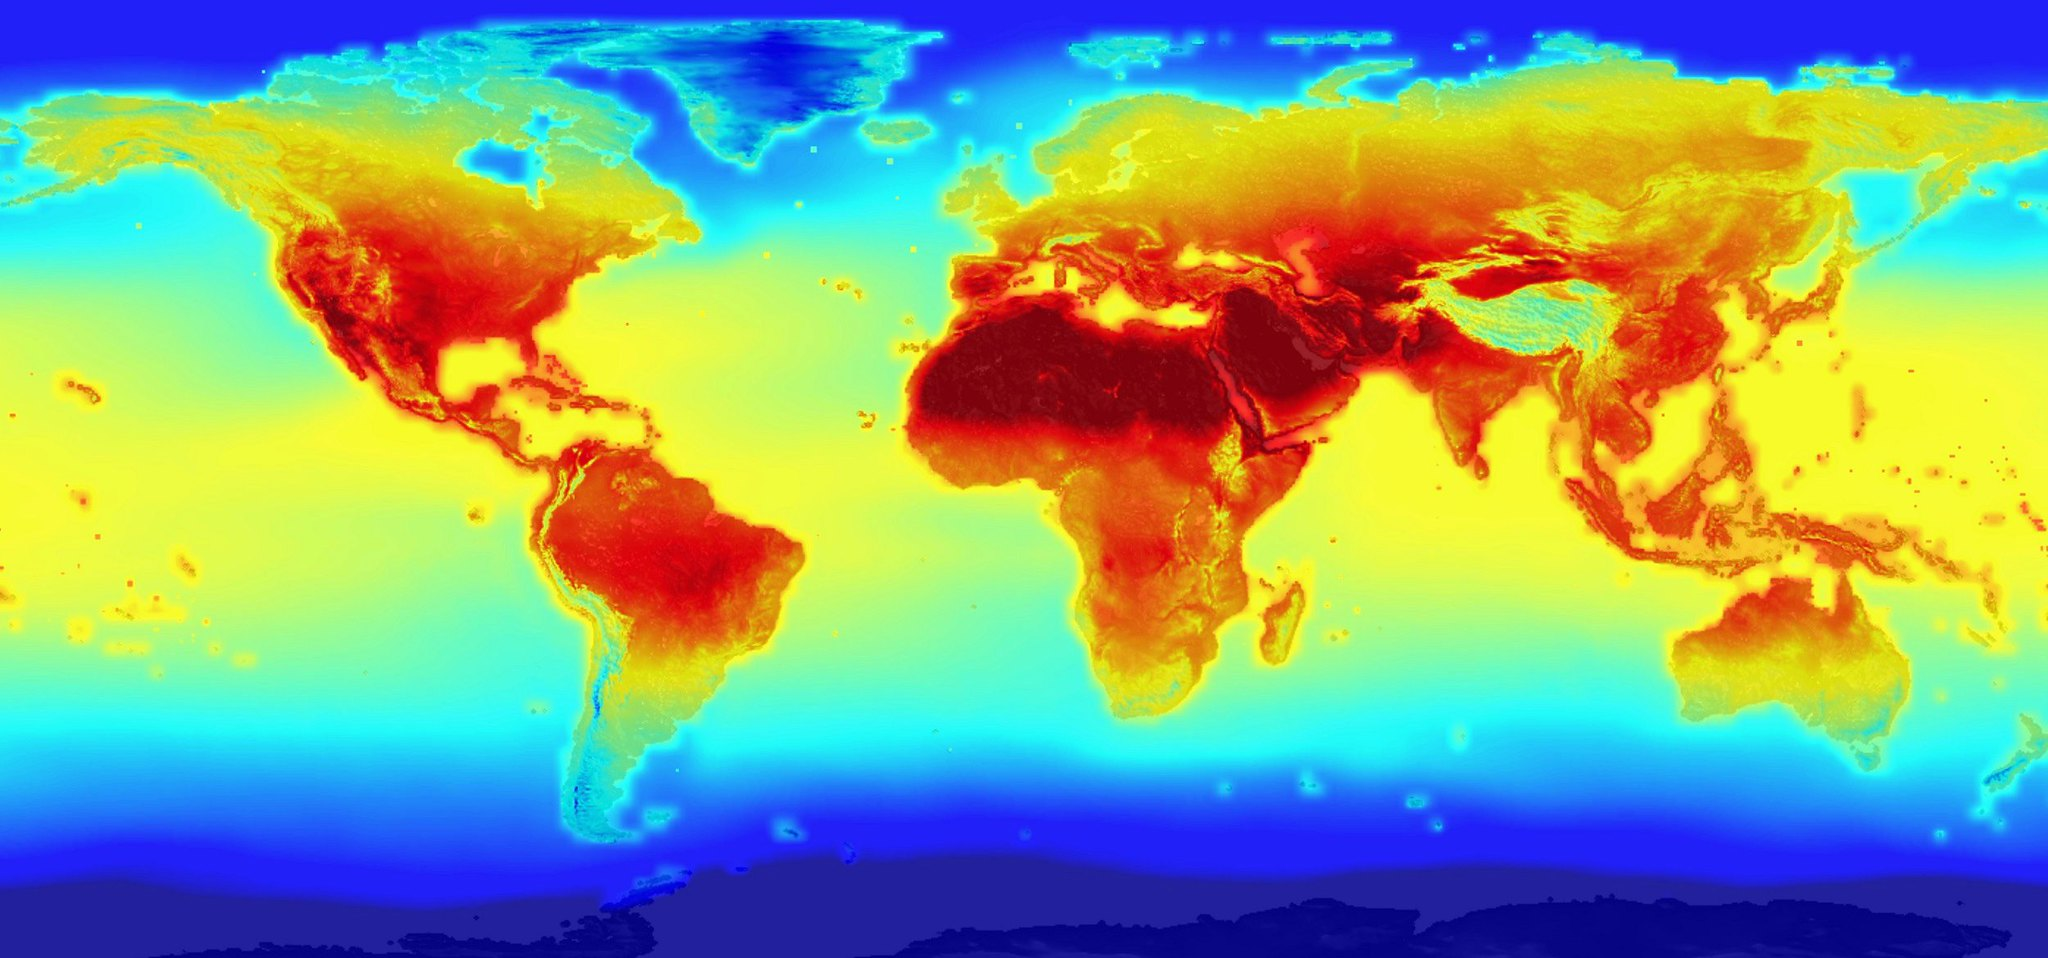 The Earth in 2100 | by sjrankin